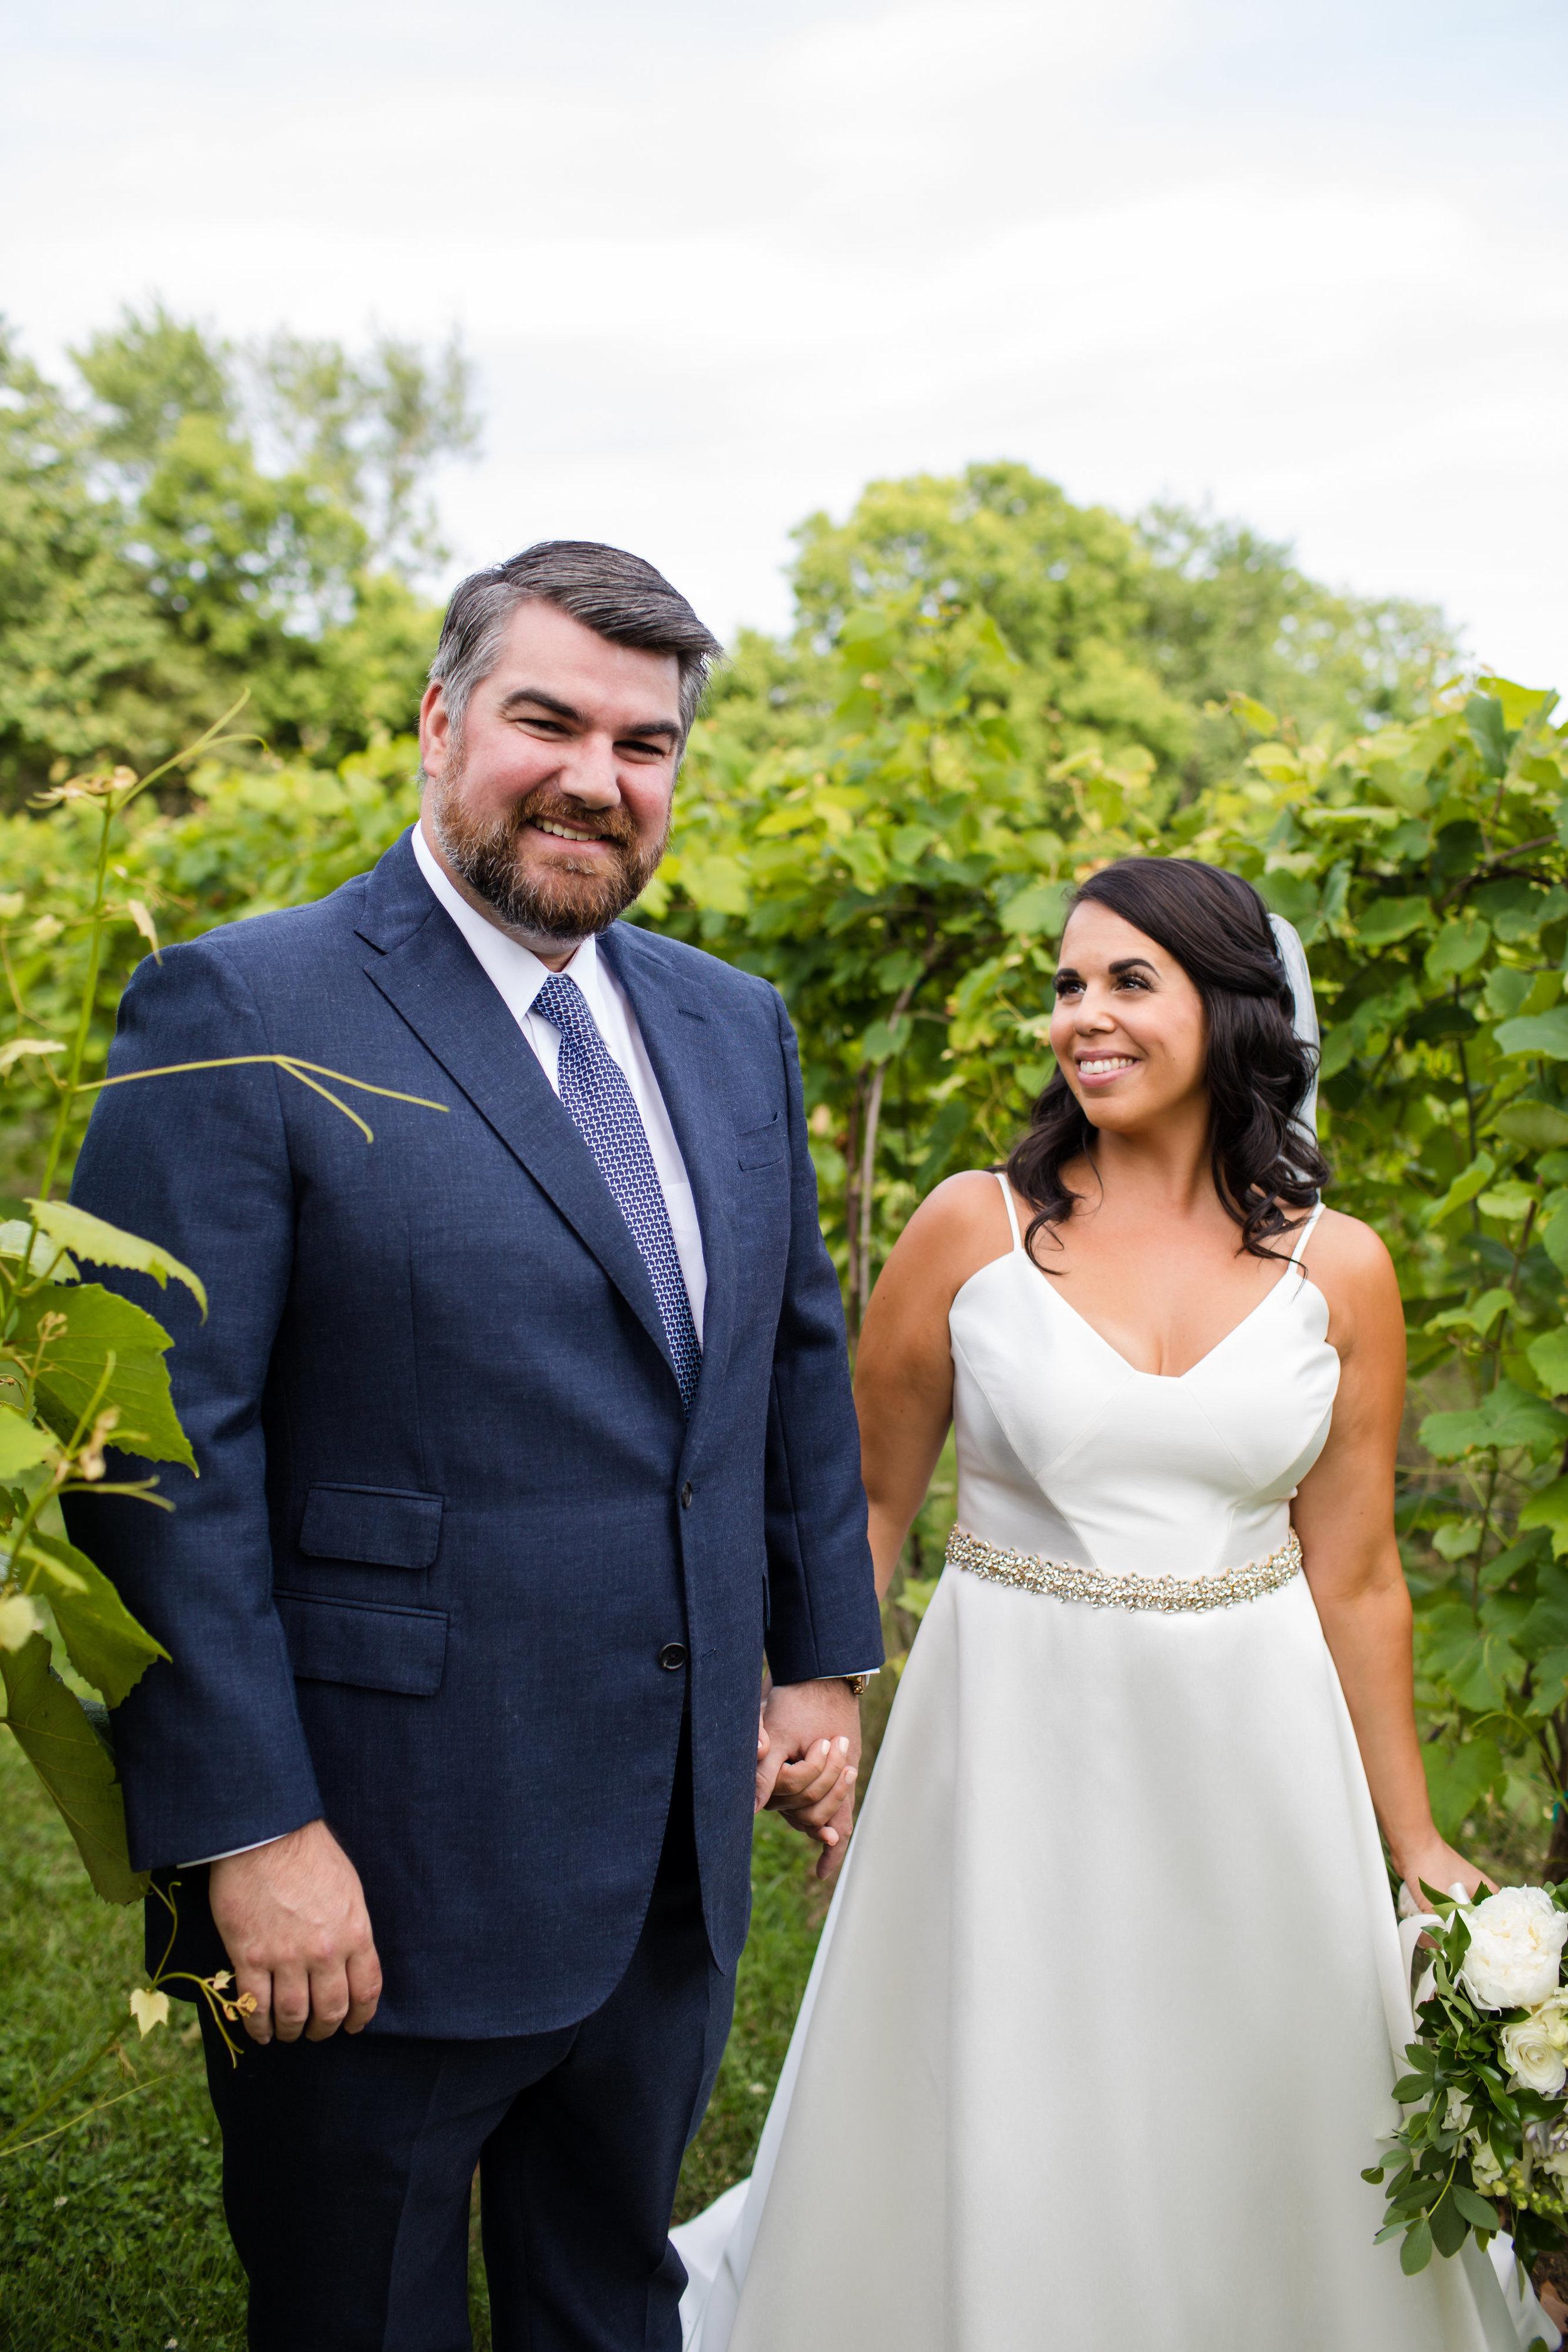 Maratt-Wedding Teaser-0053.JPG